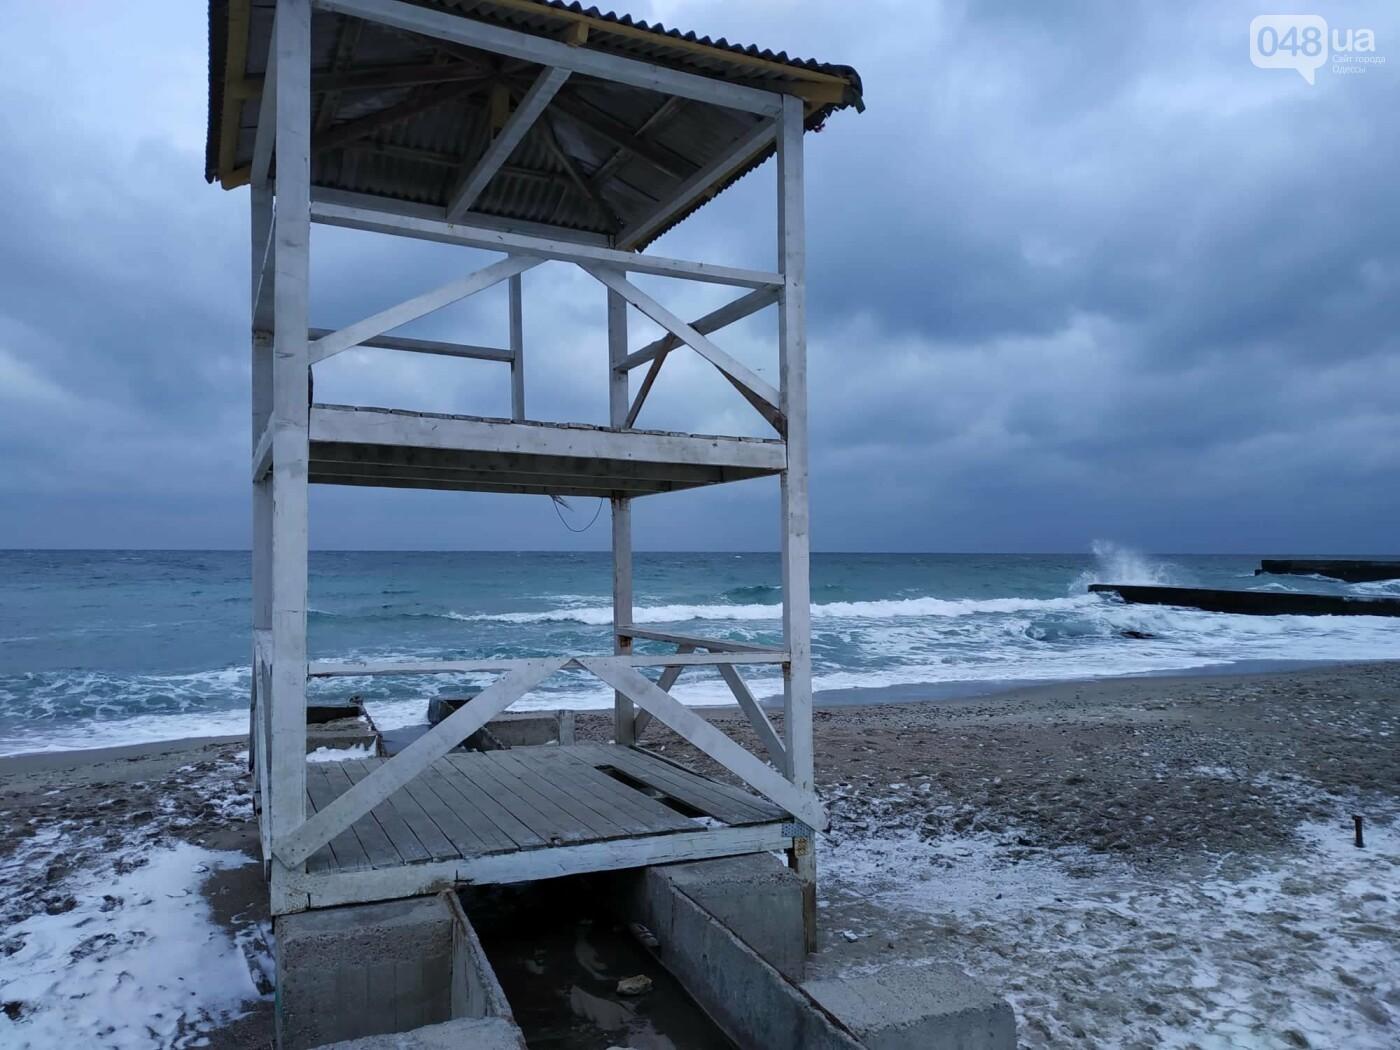 Заснеженные одесские пляжи вечером: вот где стоит прогуляться, - ФОТО, фото-60